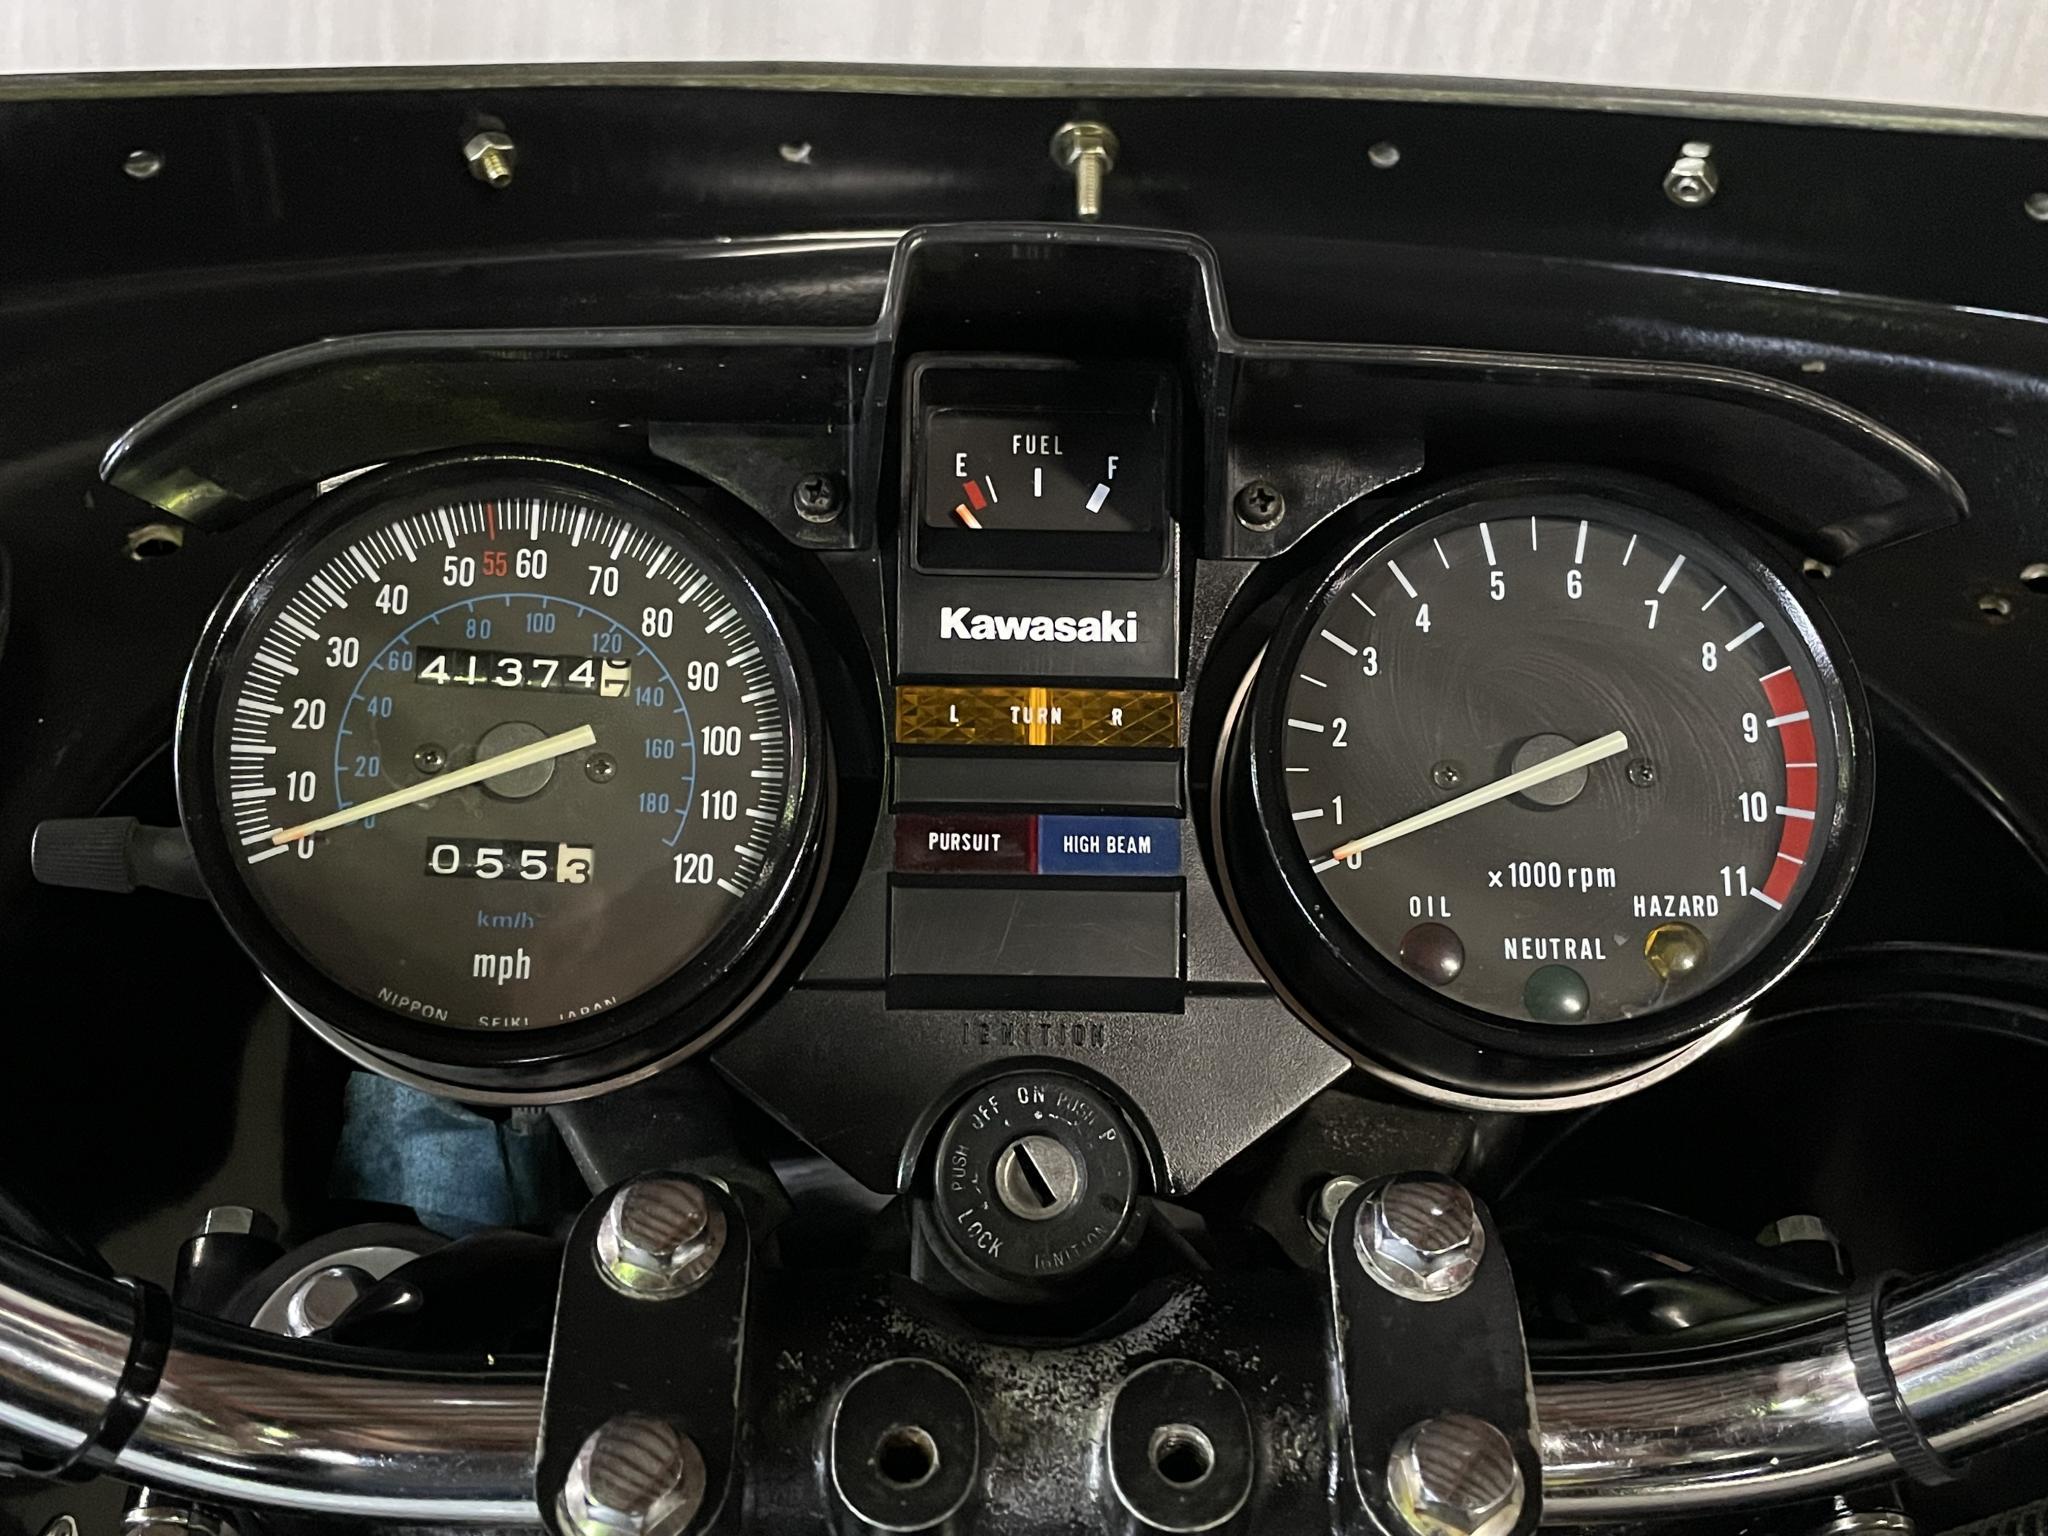 カワサキ 1998 Kawasaki KZ1000P 車体写真9